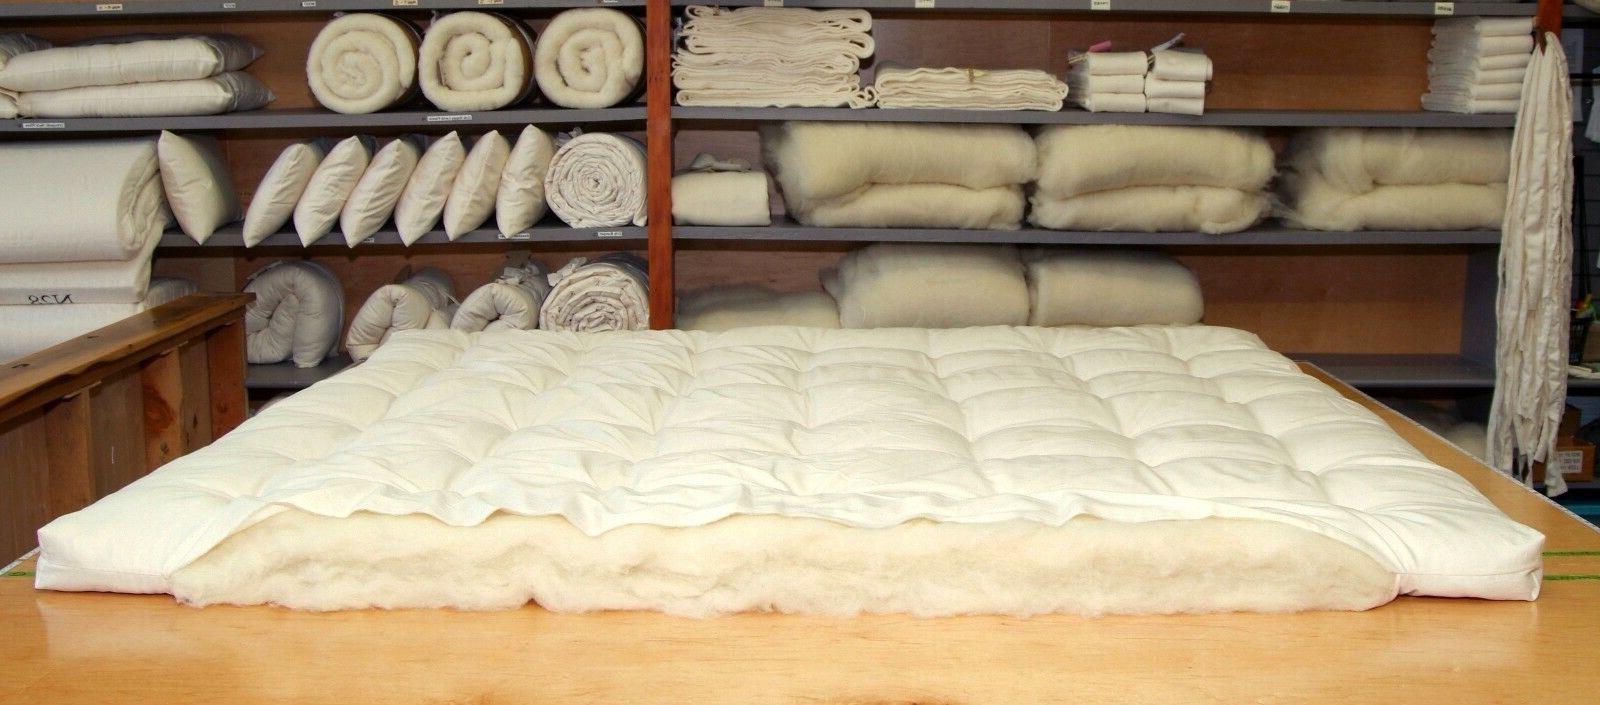 Holy Lamb Organics Organic Cotton & Ultimate Sleep Mattress Topper